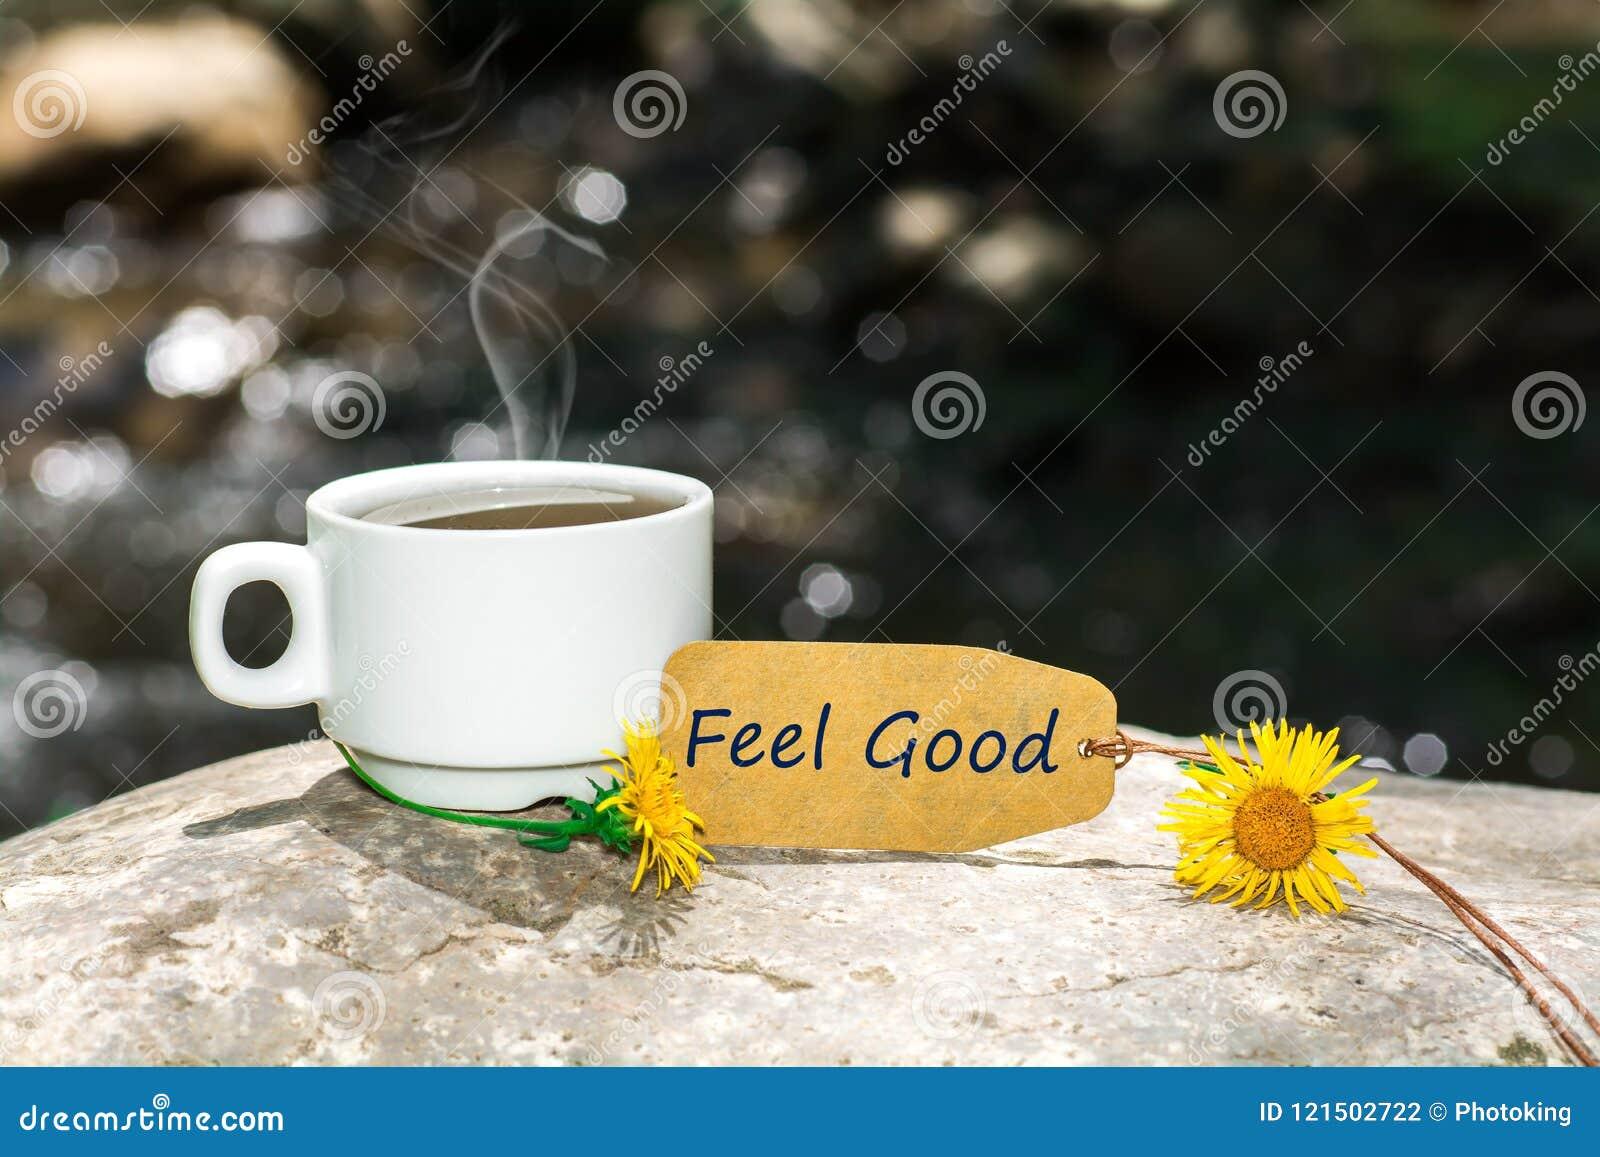 Senta bene il testo con la tazza di caffè